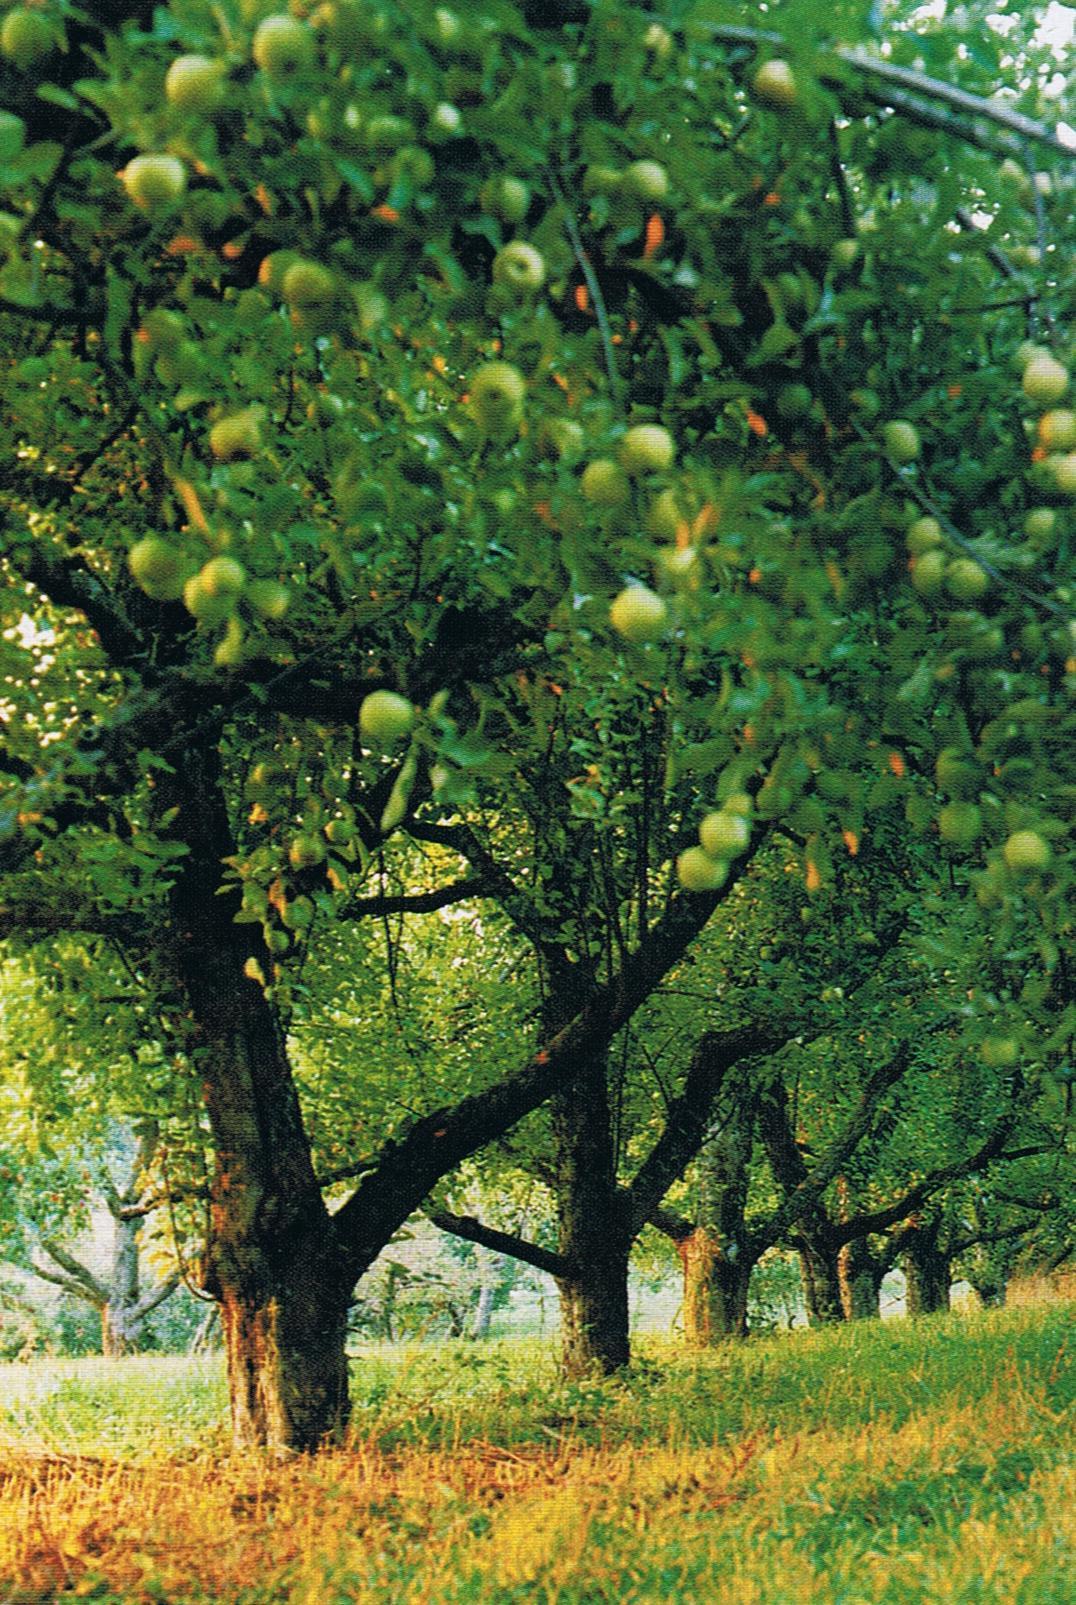 HG Apple trees